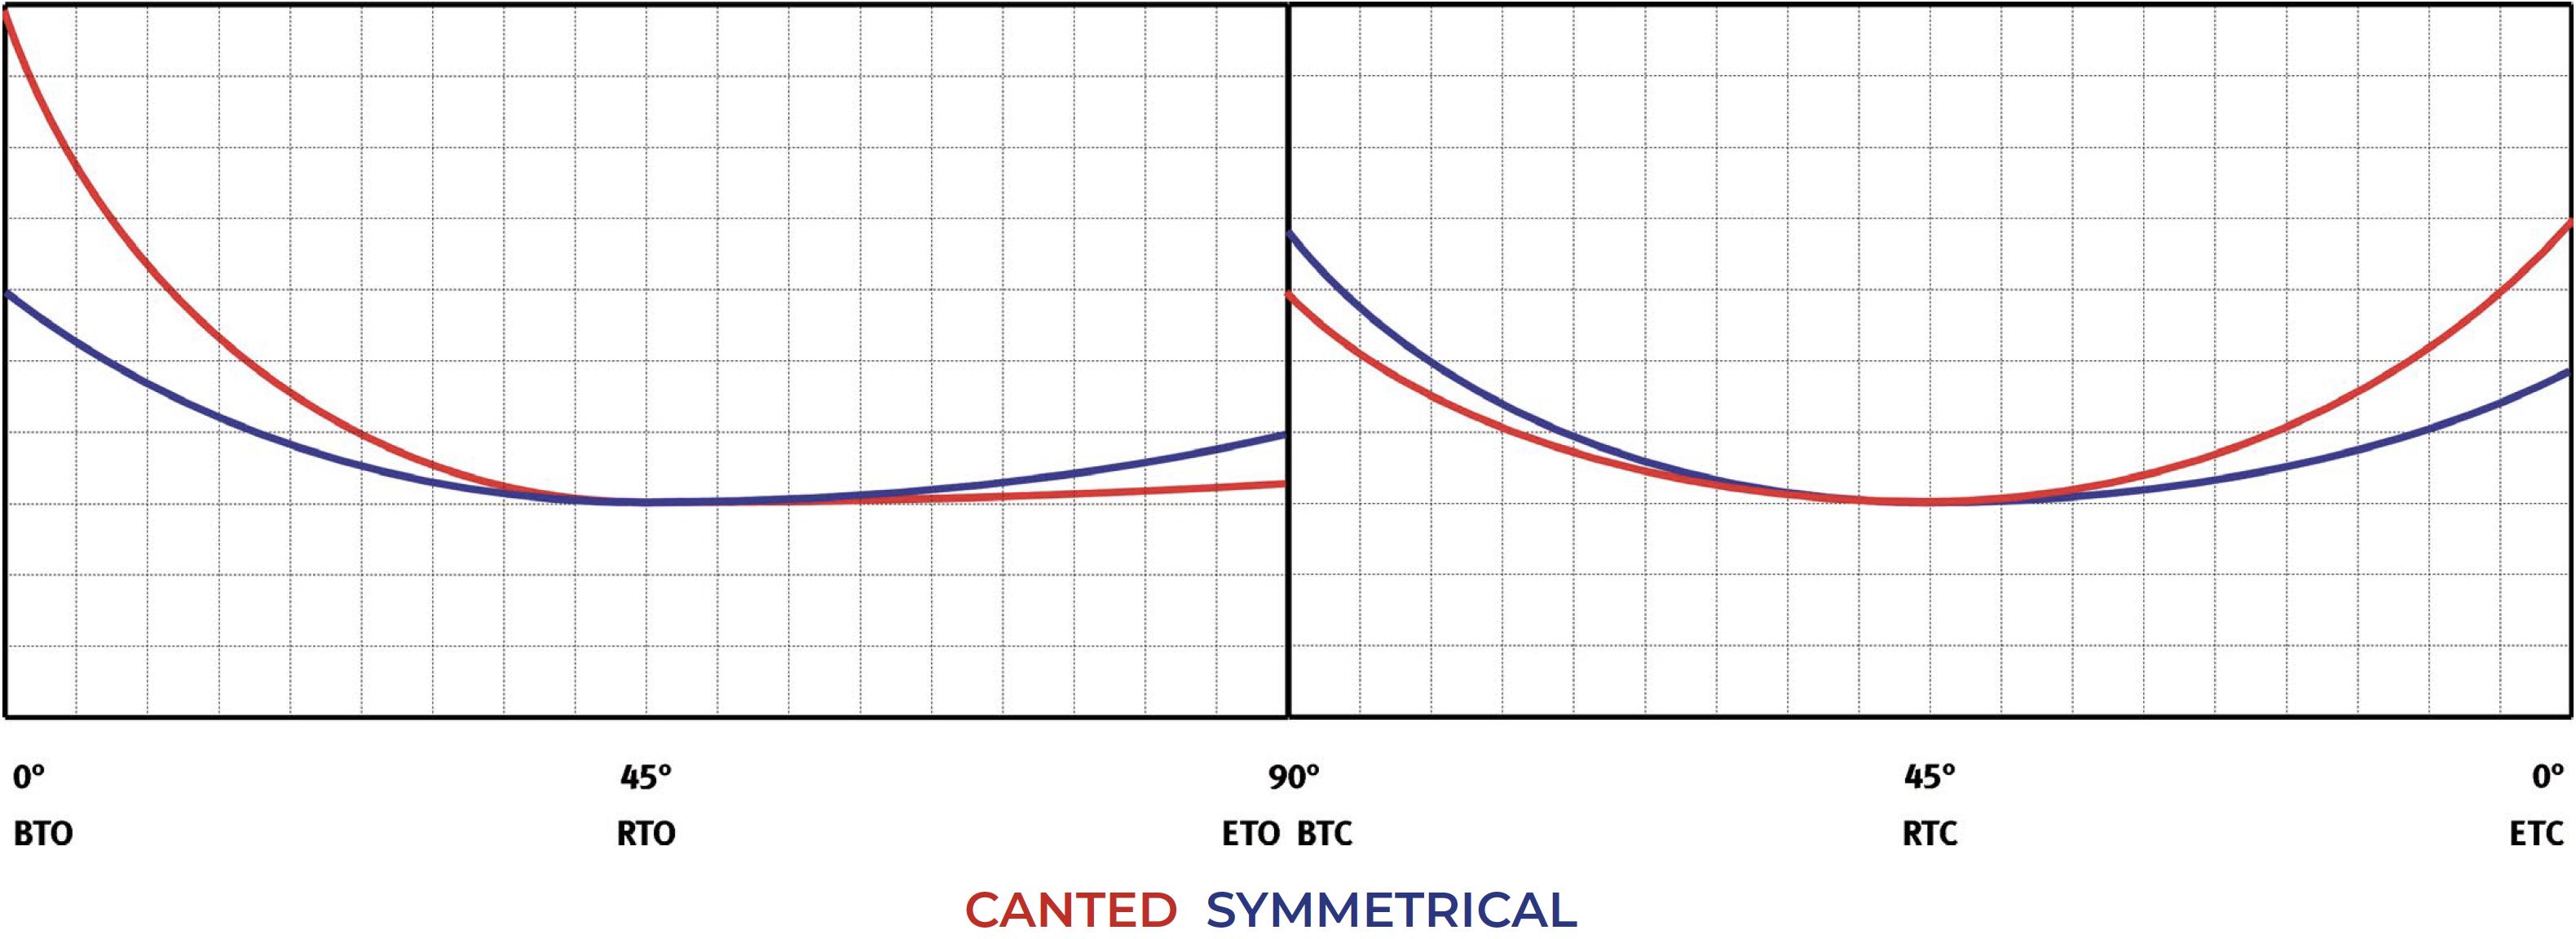 Actionneur pneumatique simple effet GS Heavy Duty acier au carbone  - diagrammes et couples de démarrage - Simple effet normalement ouvert - Tableau couples (moments de torsion)